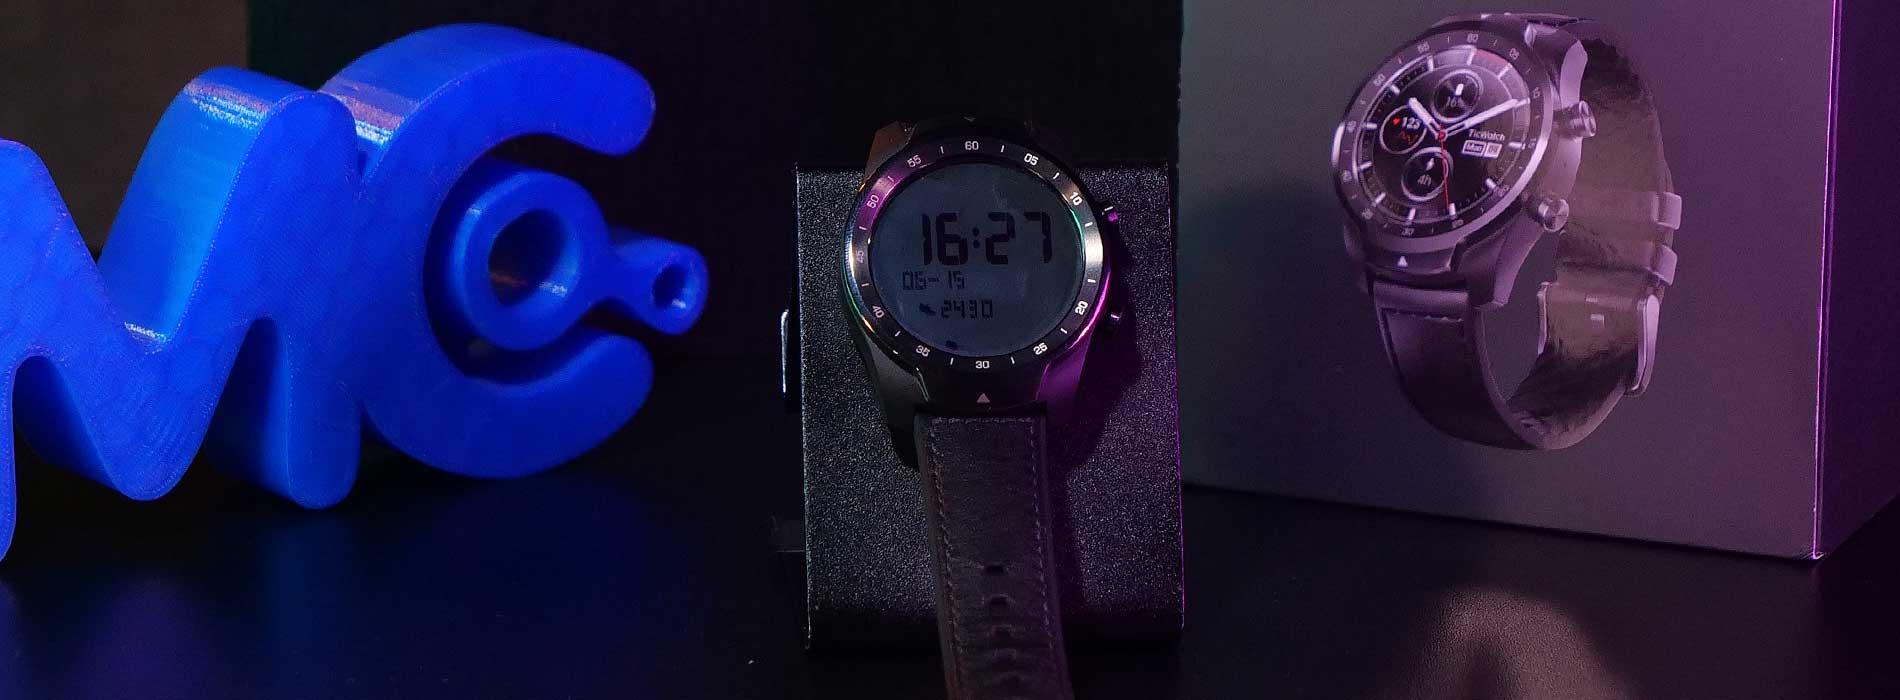 TicWatch Pro 2020 - o relógio com DUAS TELAS e sistema da Google